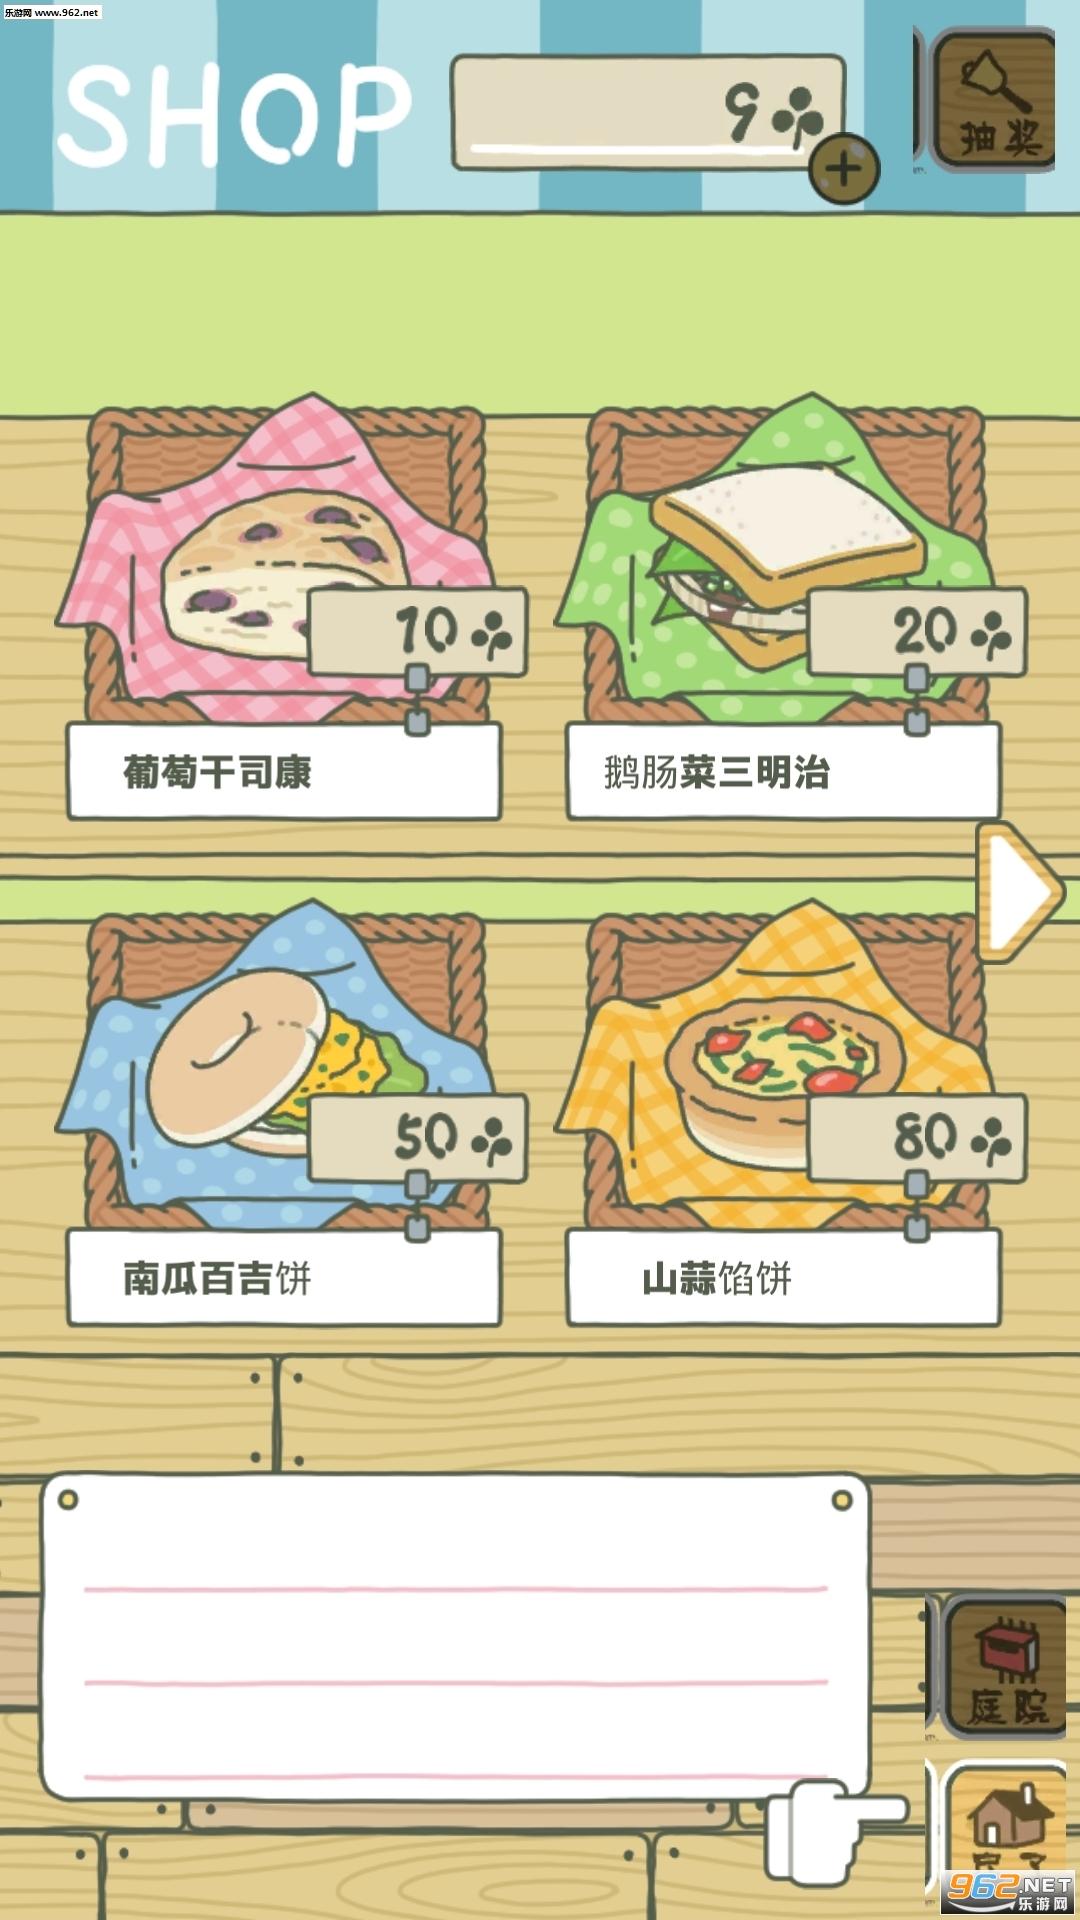 青蛙去旅行游戏汉化版手谈汉化最新版_截图2